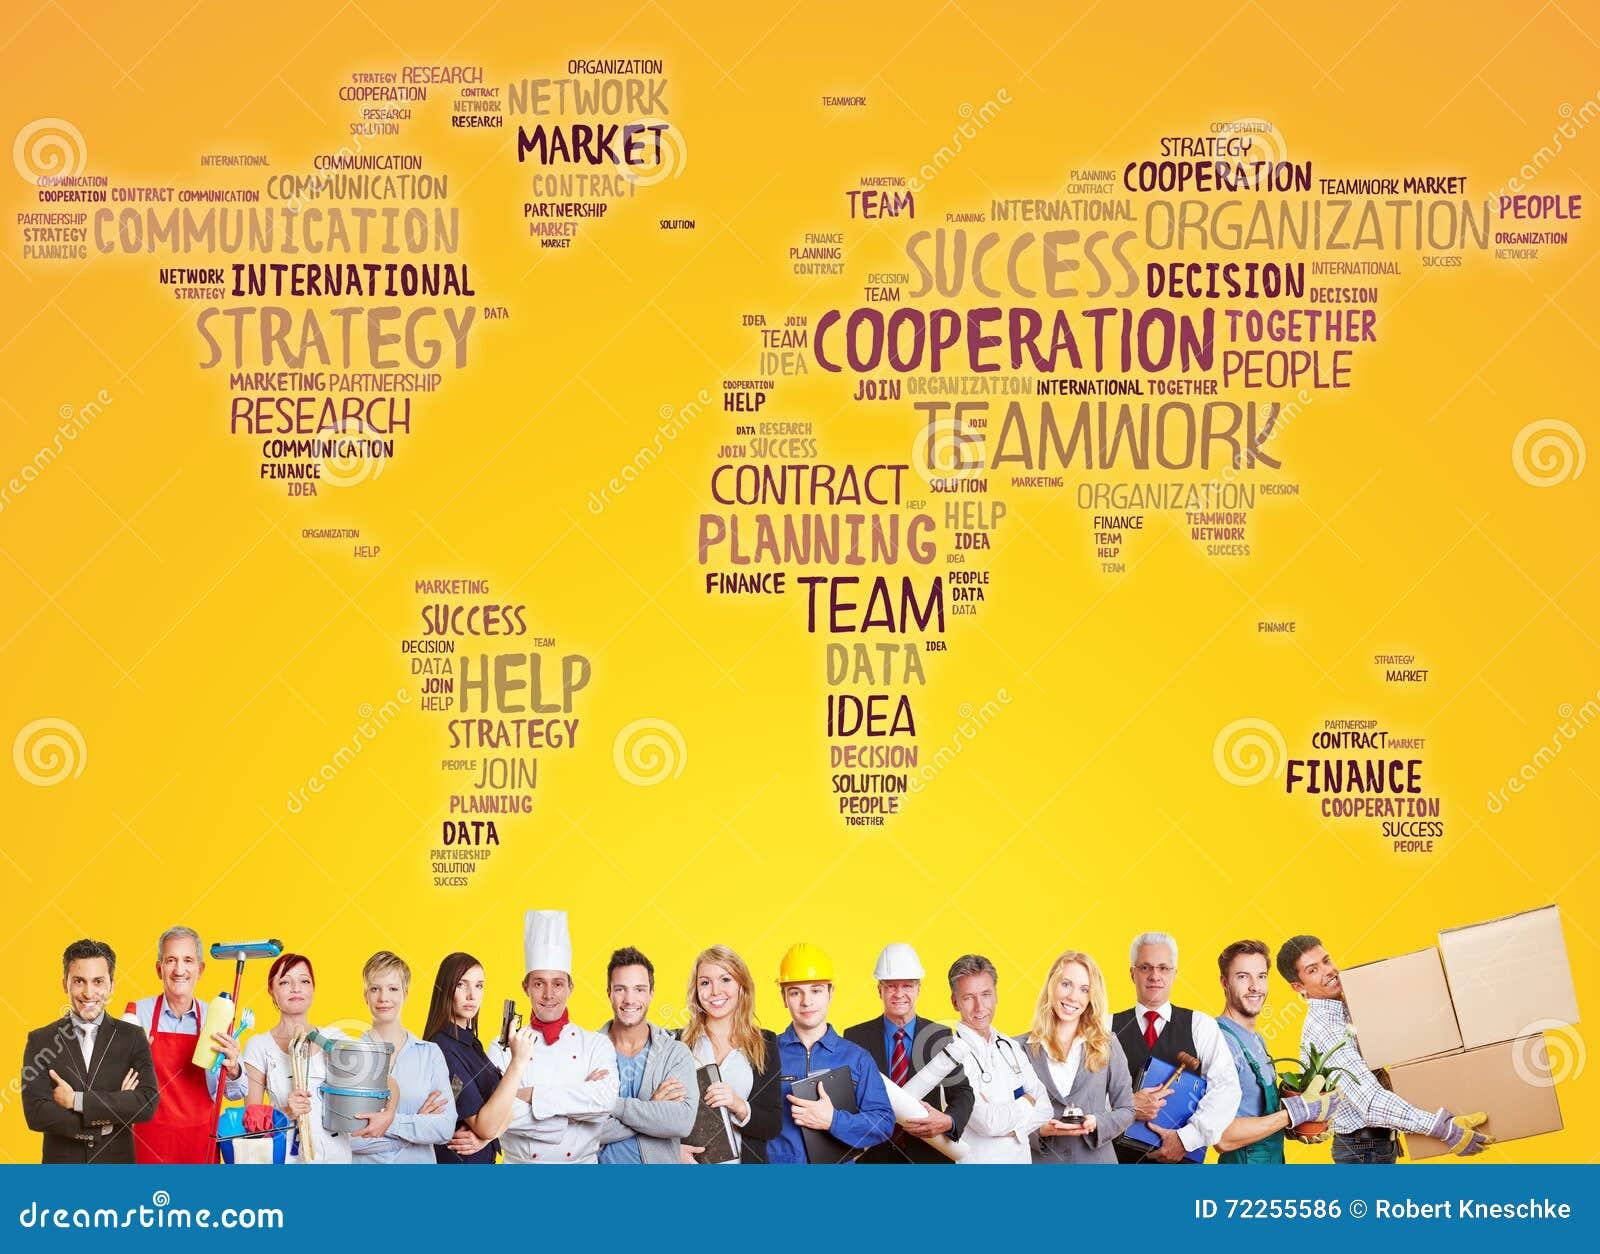 Lag för internationellt samarbete och framgång